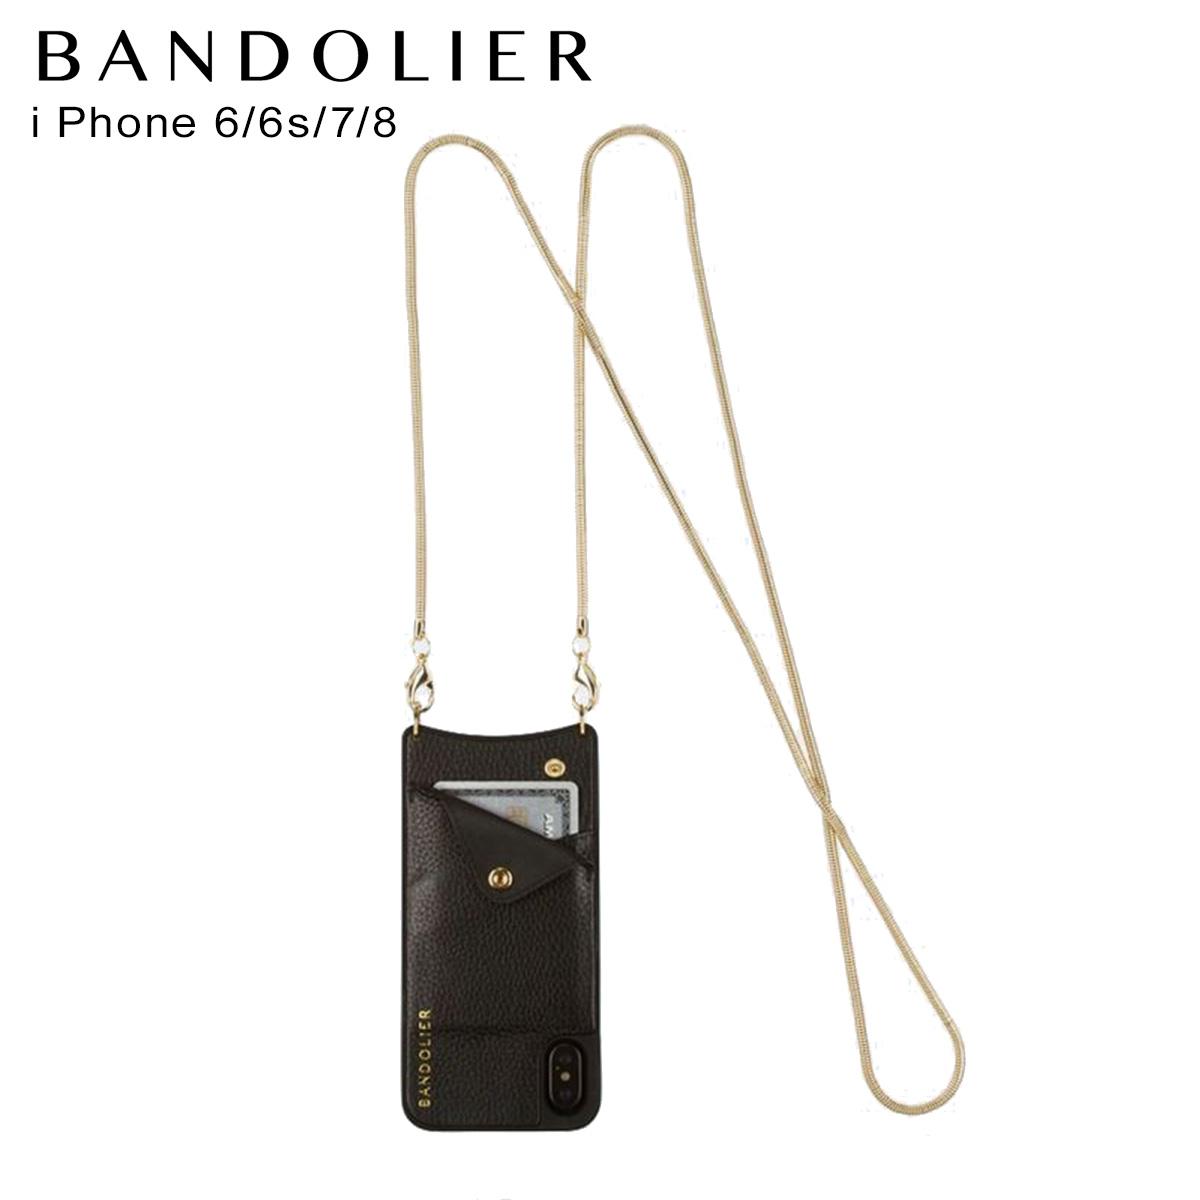 BANDOLIER iPhone SE SE2 8 7 6s 6 ケース スマホ 携帯 アイフォン レディース BELINDA GOLD ブラック 黒 2002